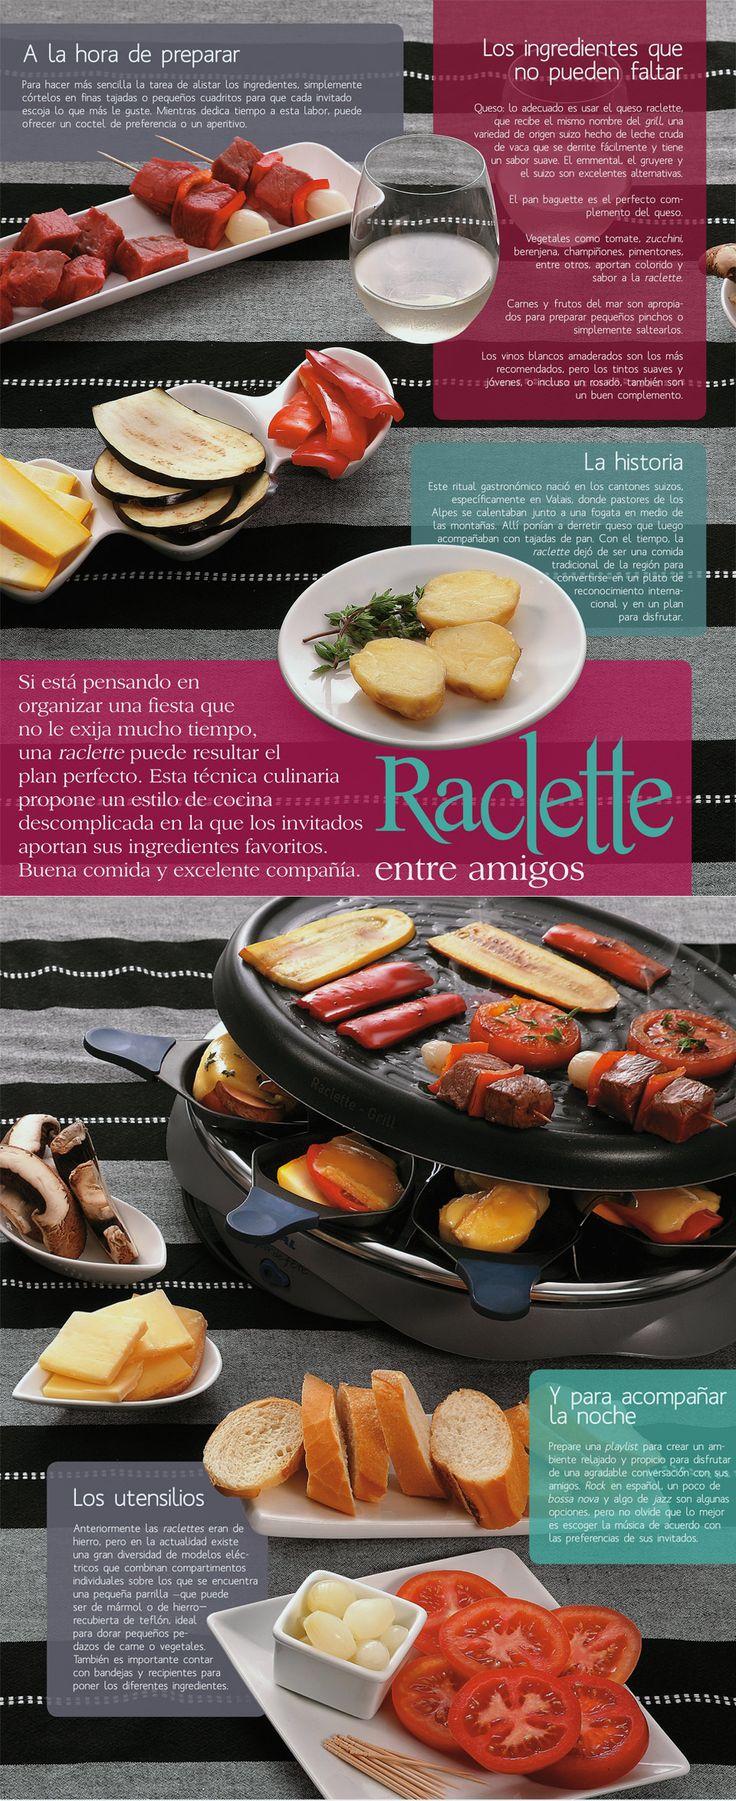 Cómo hacer un buen raclette entre amigos More